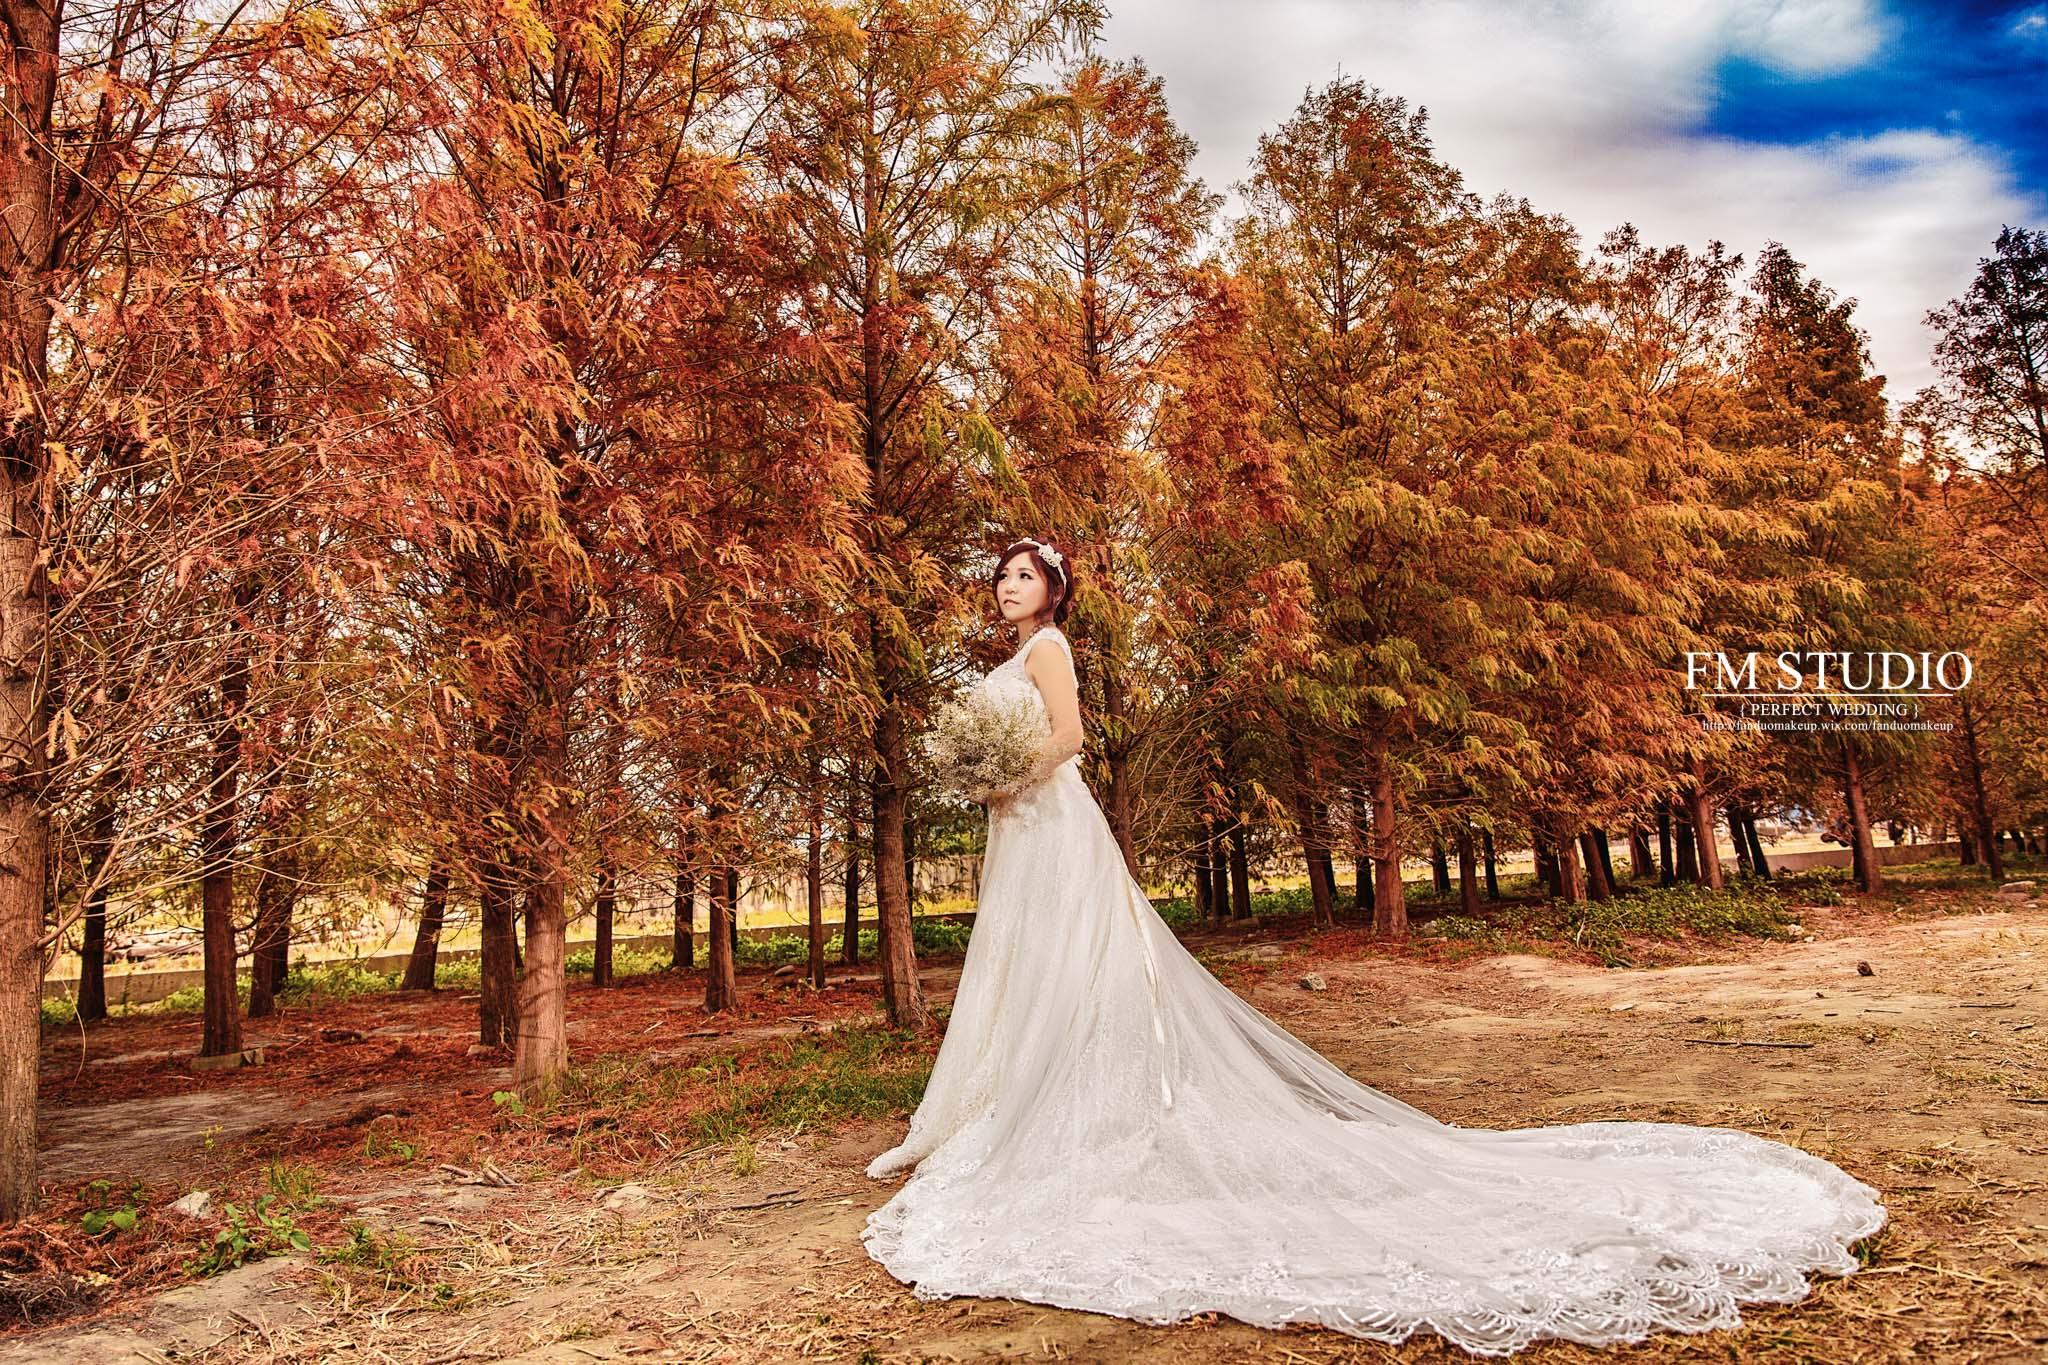 文凱+素雯自主婚紗